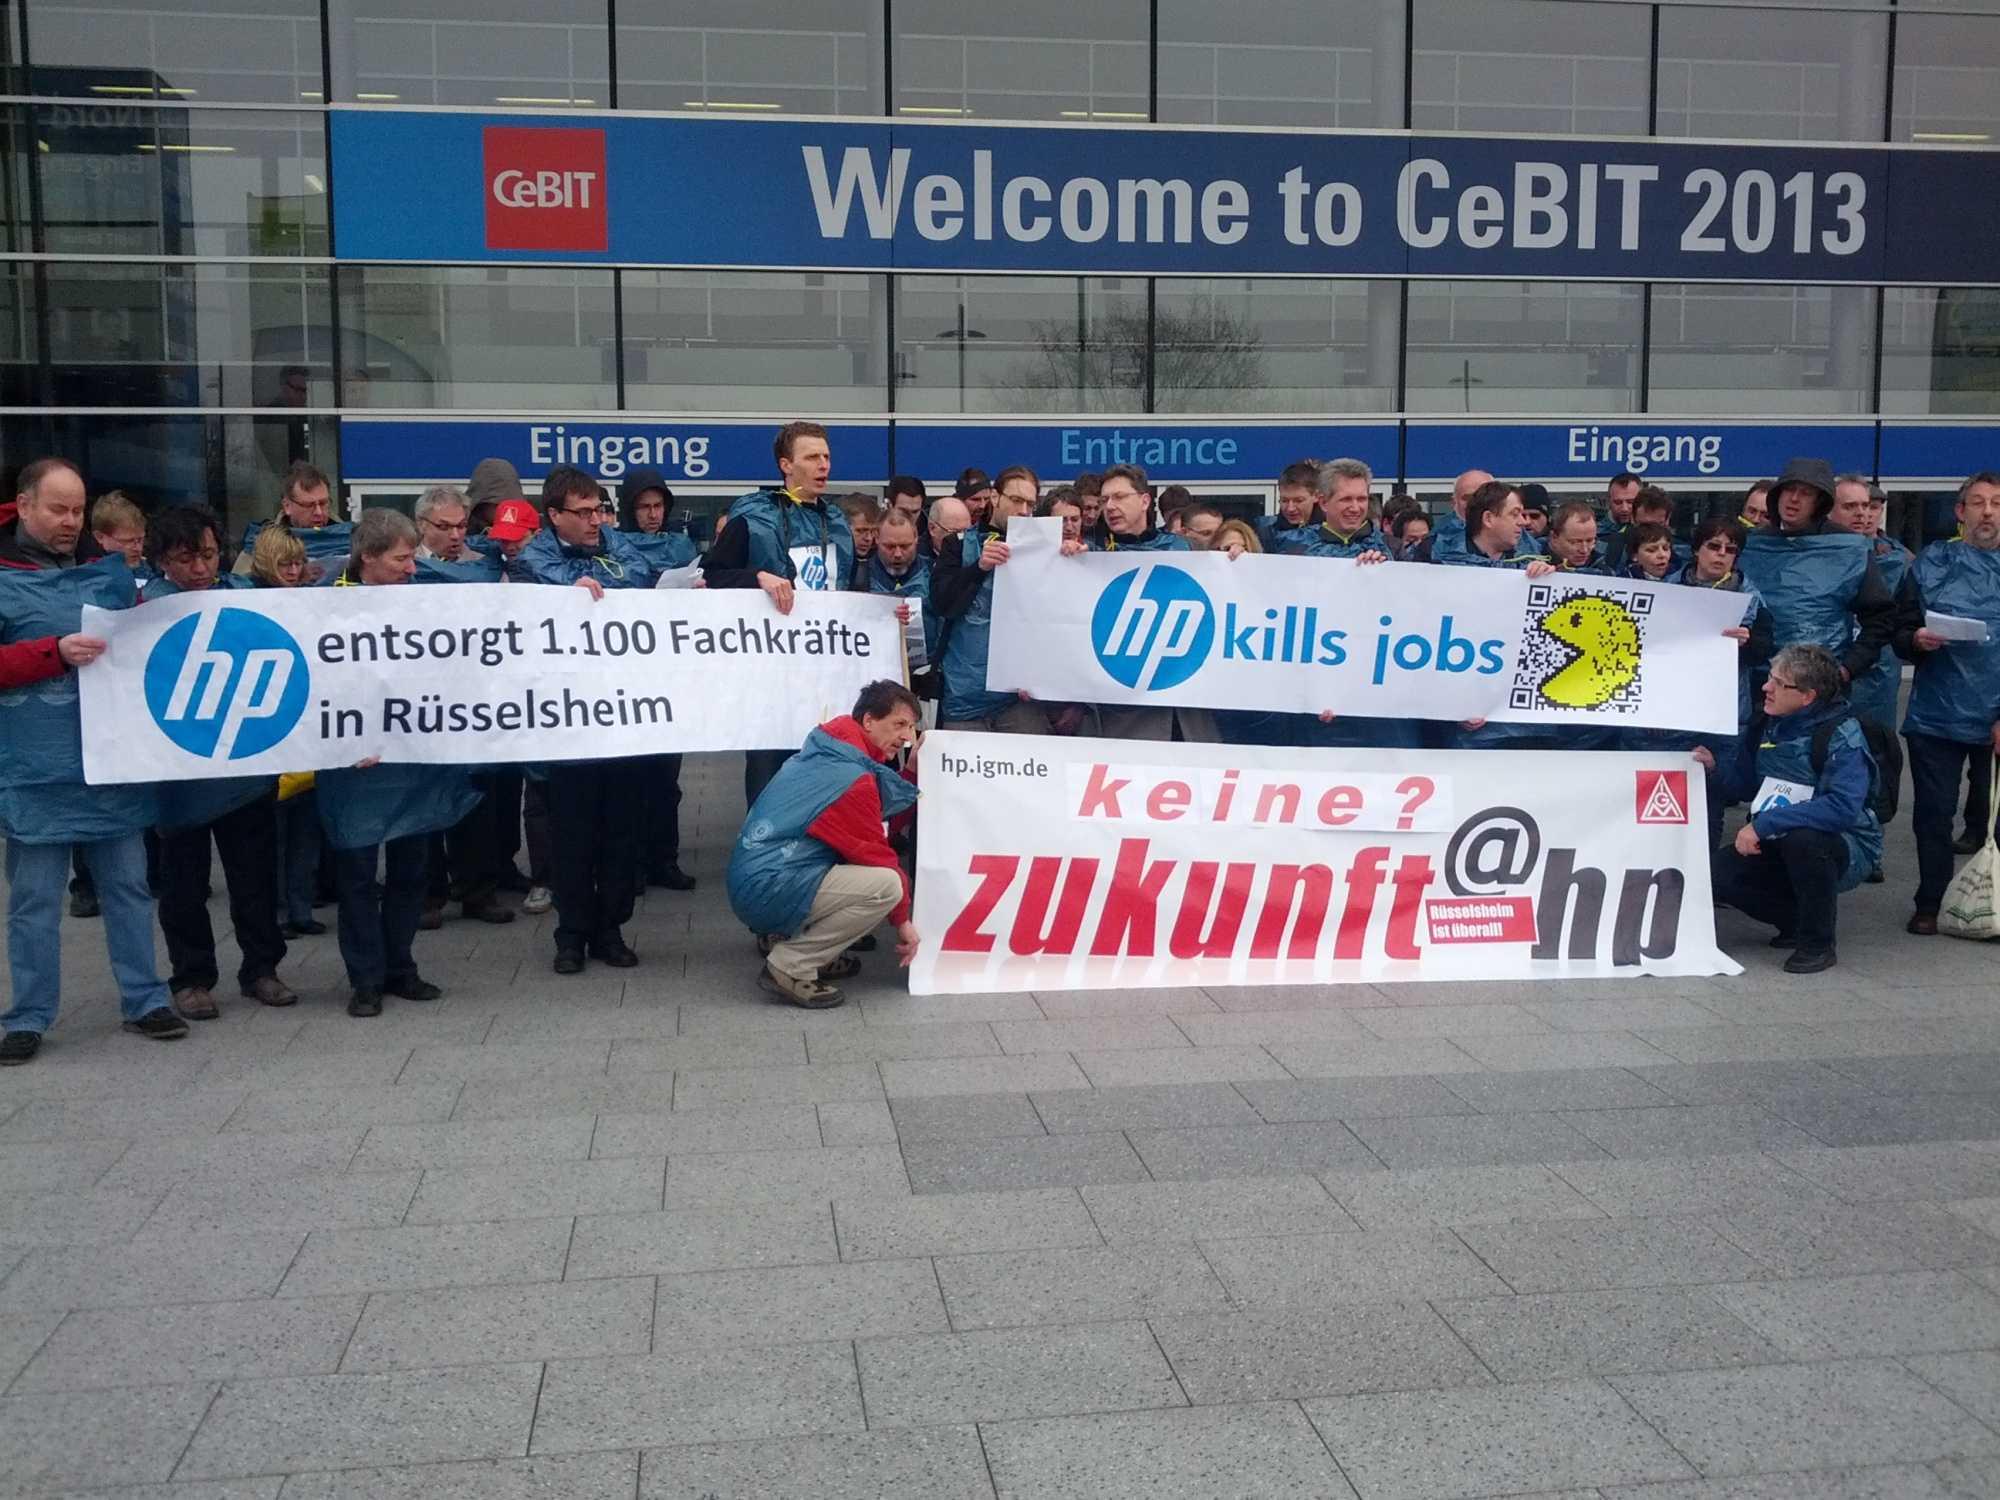 HP-Mitarbeiter demonstrieren vor dem Haupteingang zur CeBIT